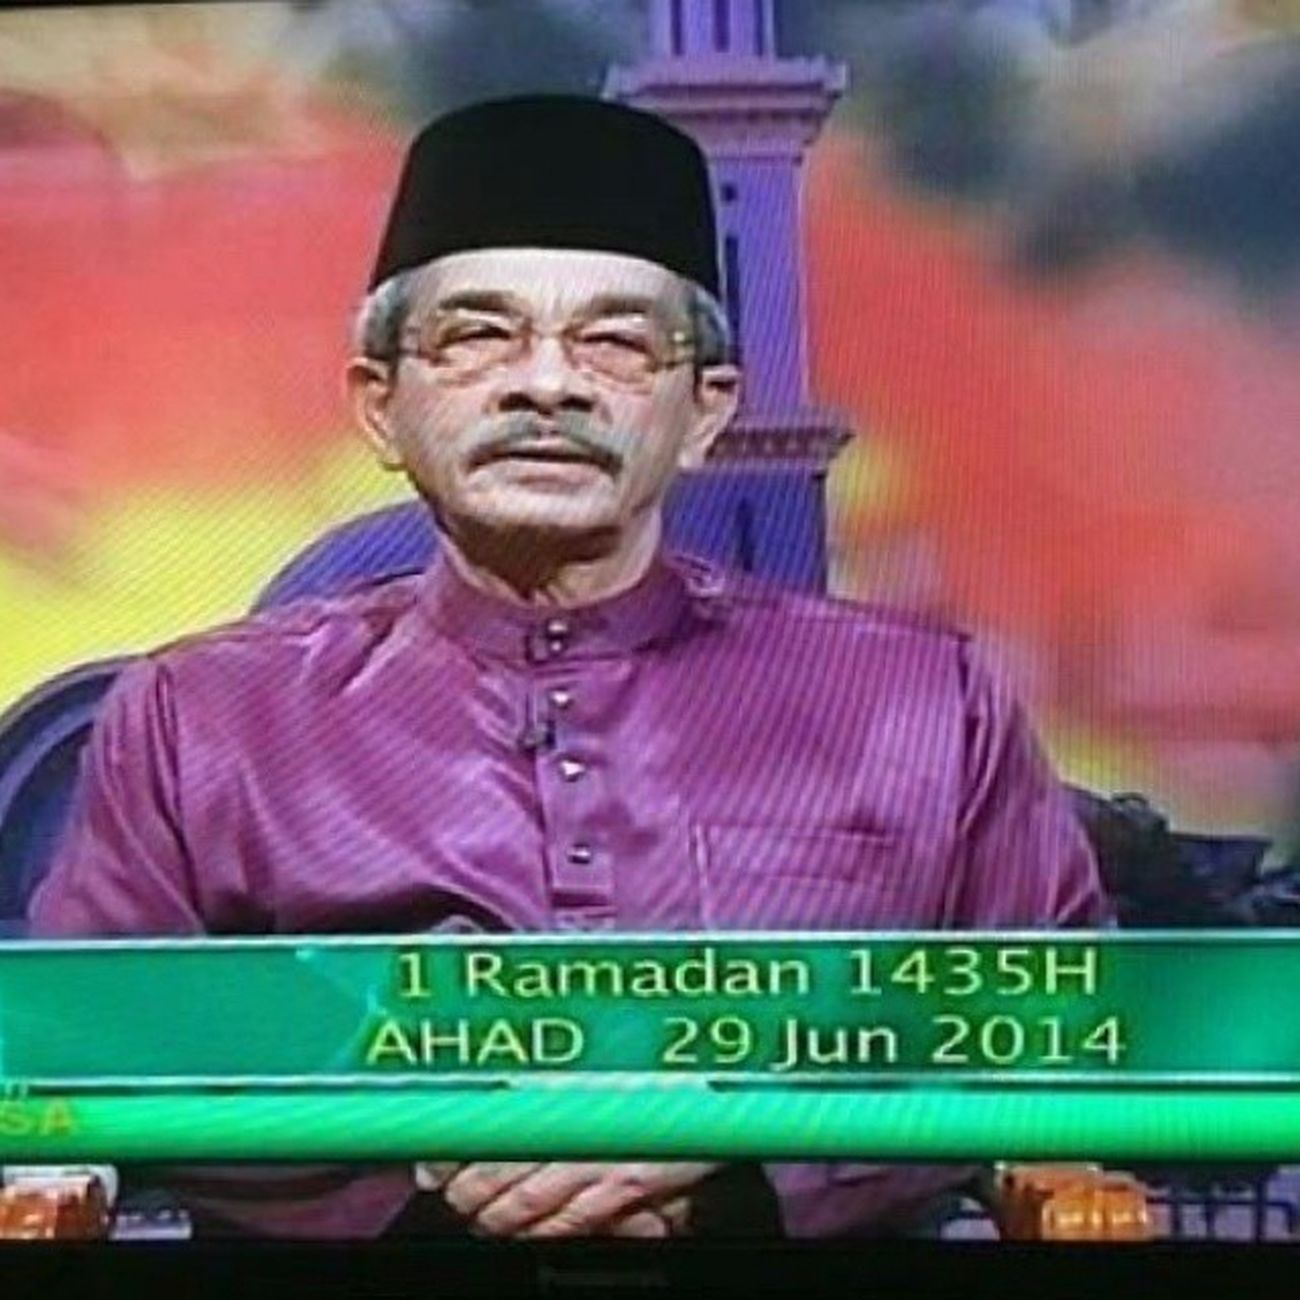 Ramadhan DAH MELAMBAI, Puasa tau, jangan di yang yok kan...